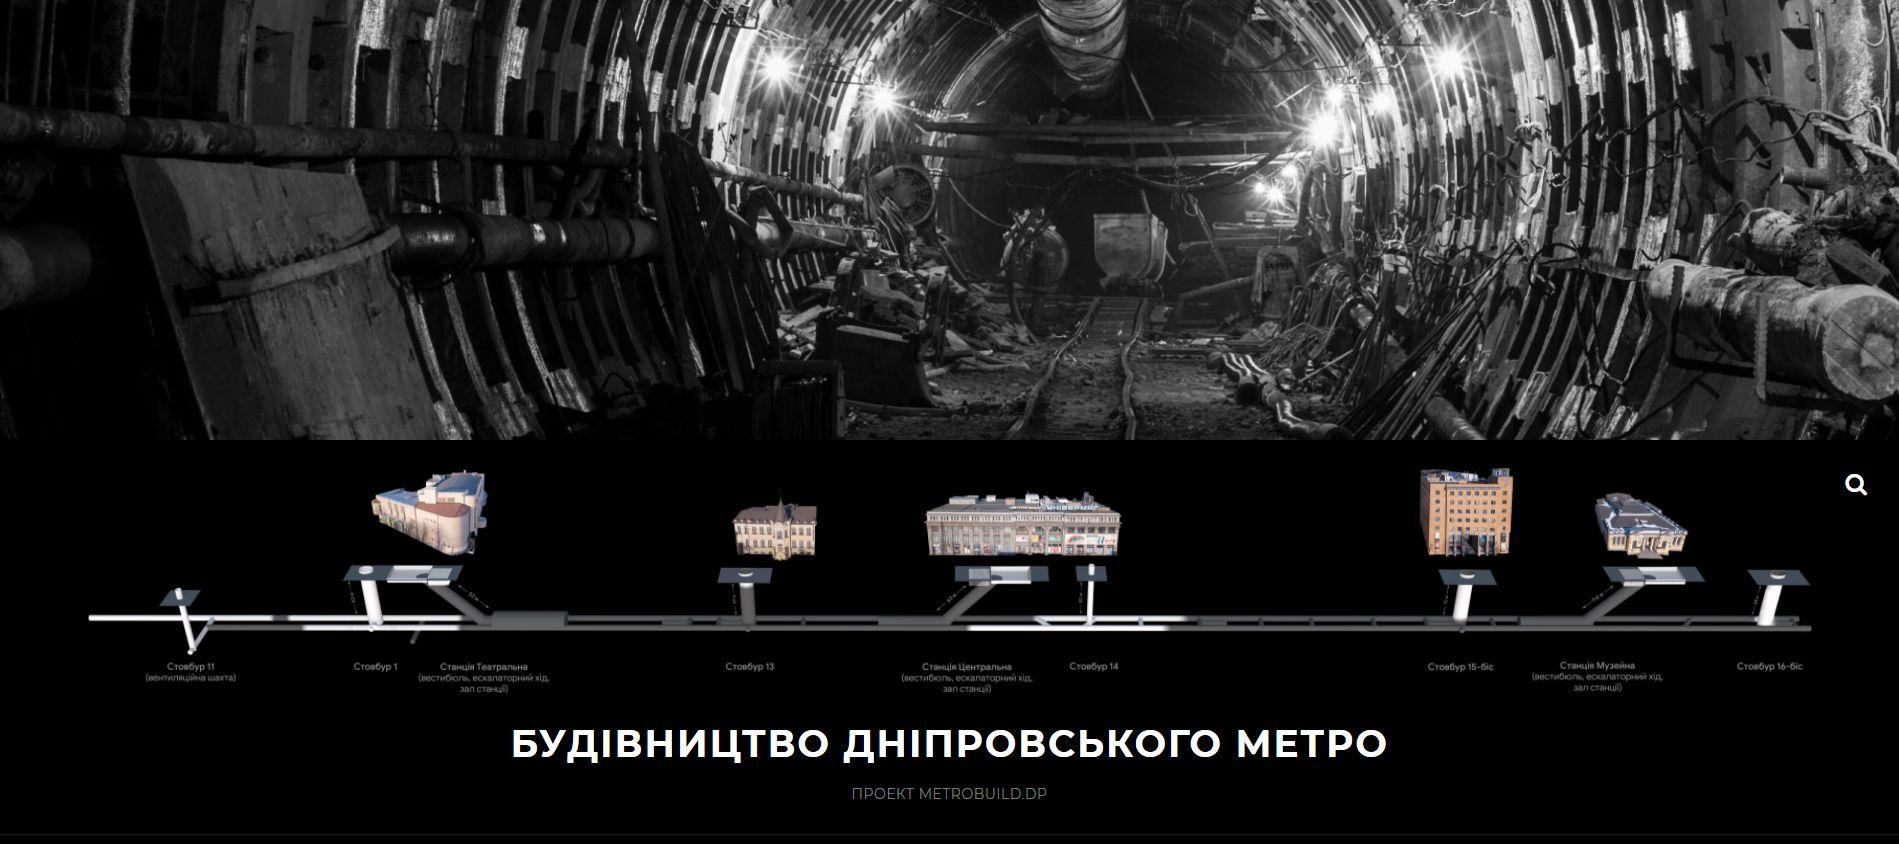 З'явився сайт про будівництво метро у Дніпрі